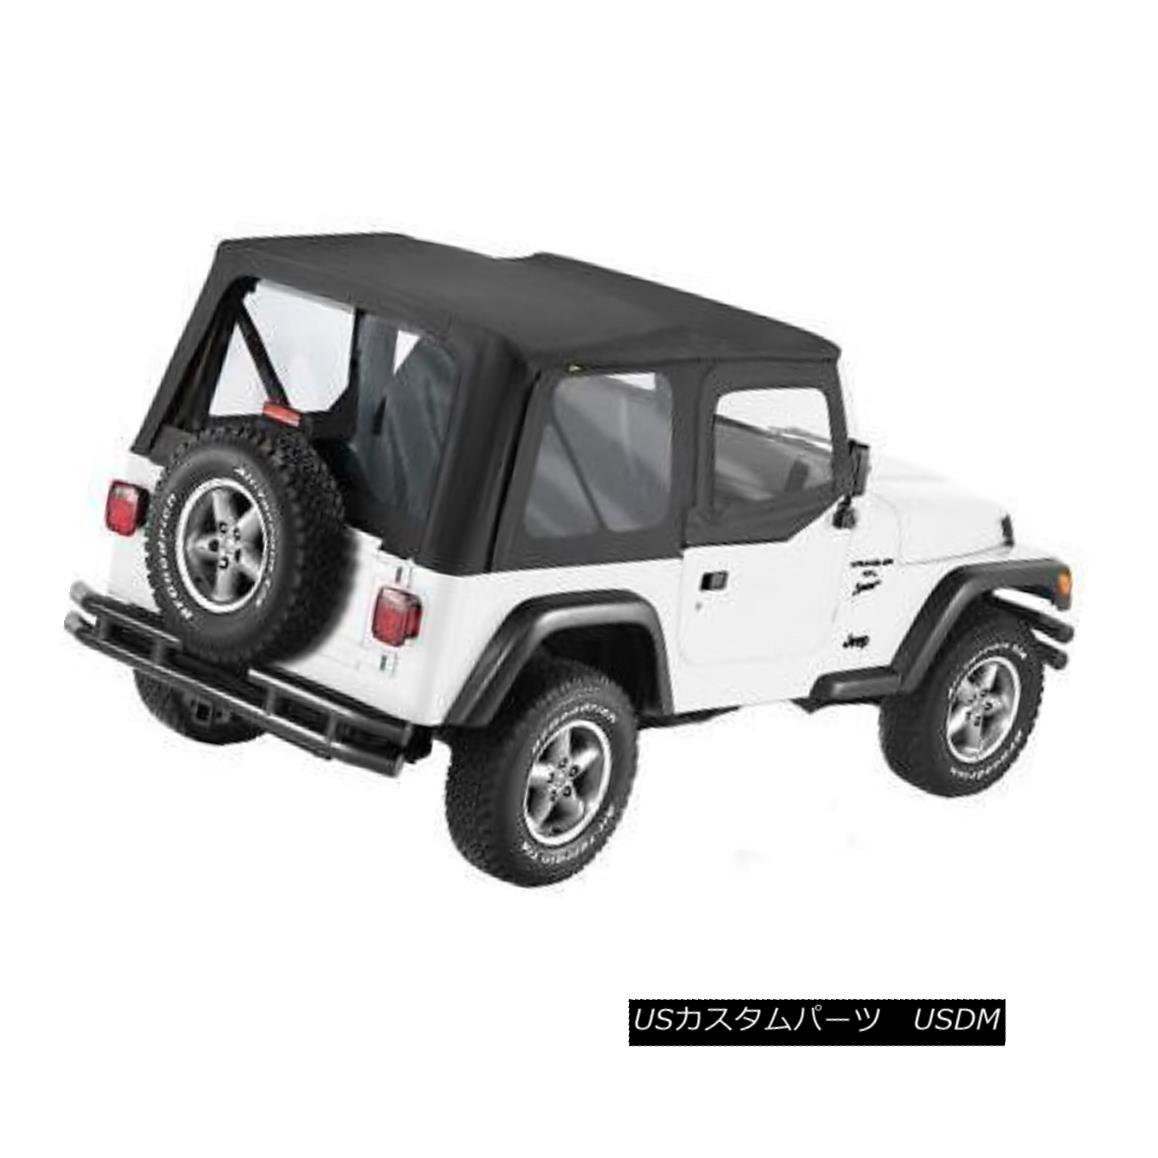 幌・ソフトトップ Bestop Soft Top Sailcloth Replace-A-Top Polymer Cloth Black Jeep Wrangler Each Bestopソフトトップセイルクロス交換 - トップポリマークロスブラックジープラングラー